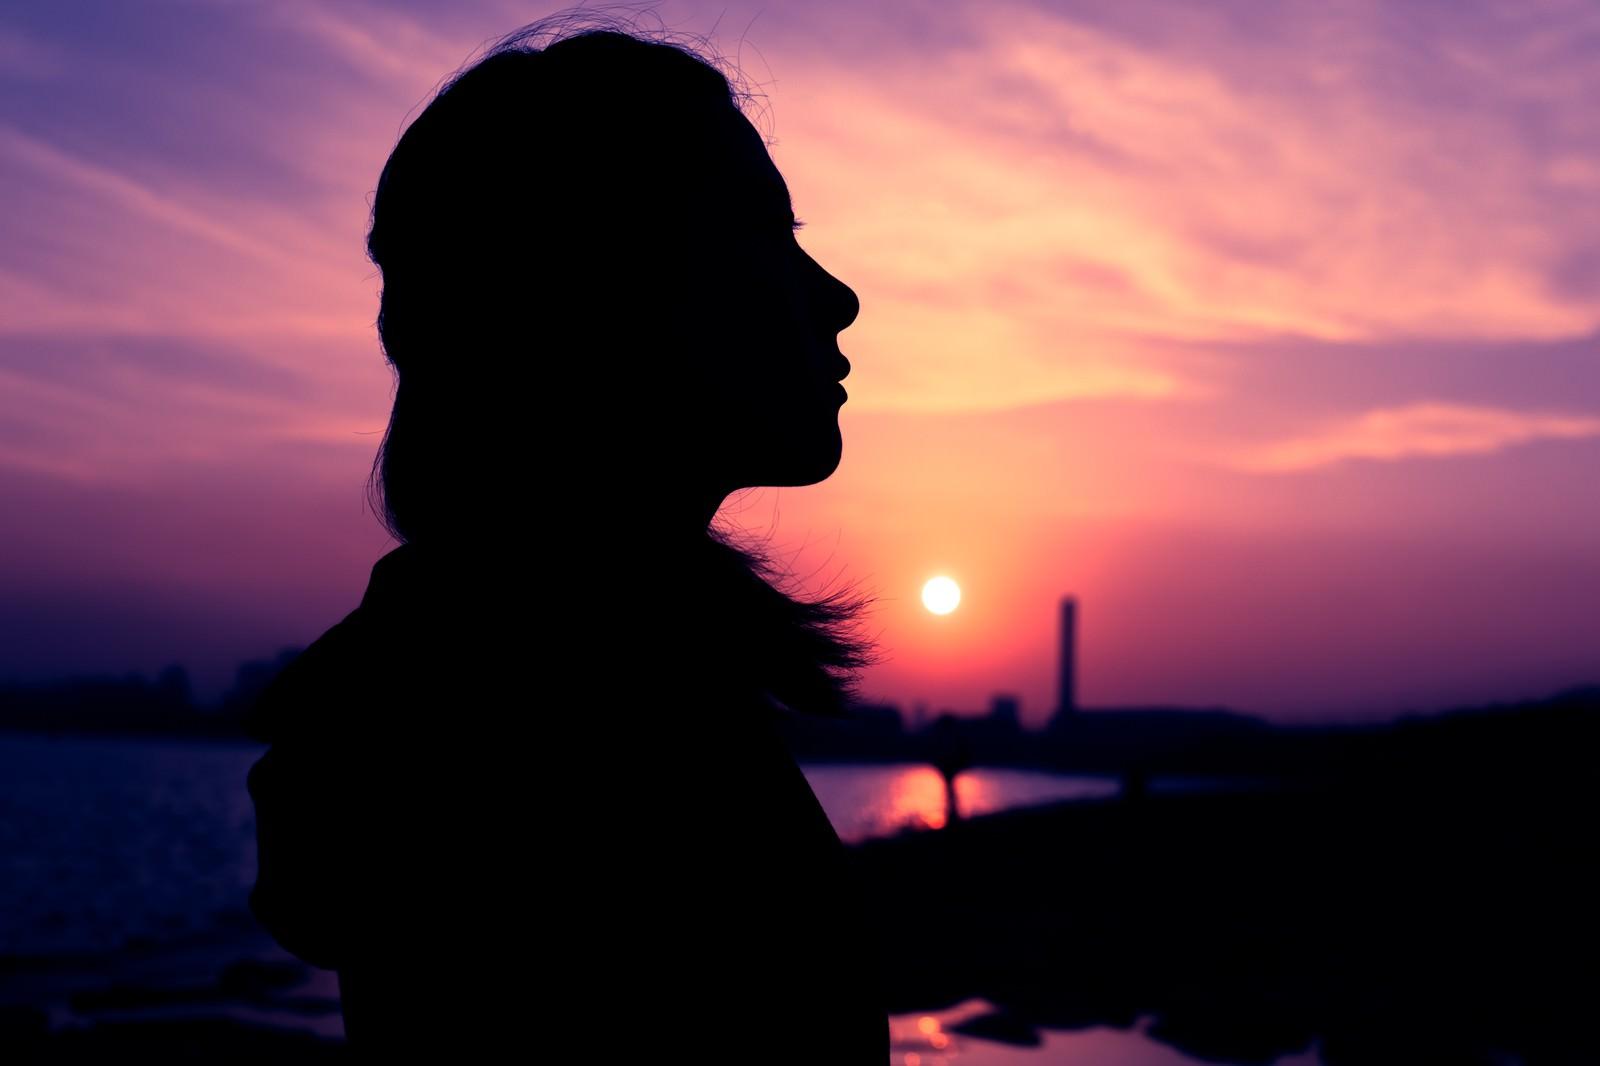 「紫色の夕焼けと女性のシルエット紫色の夕焼けと女性のシルエット」[モデル:Mizuho]のフリー写真素材を拡大